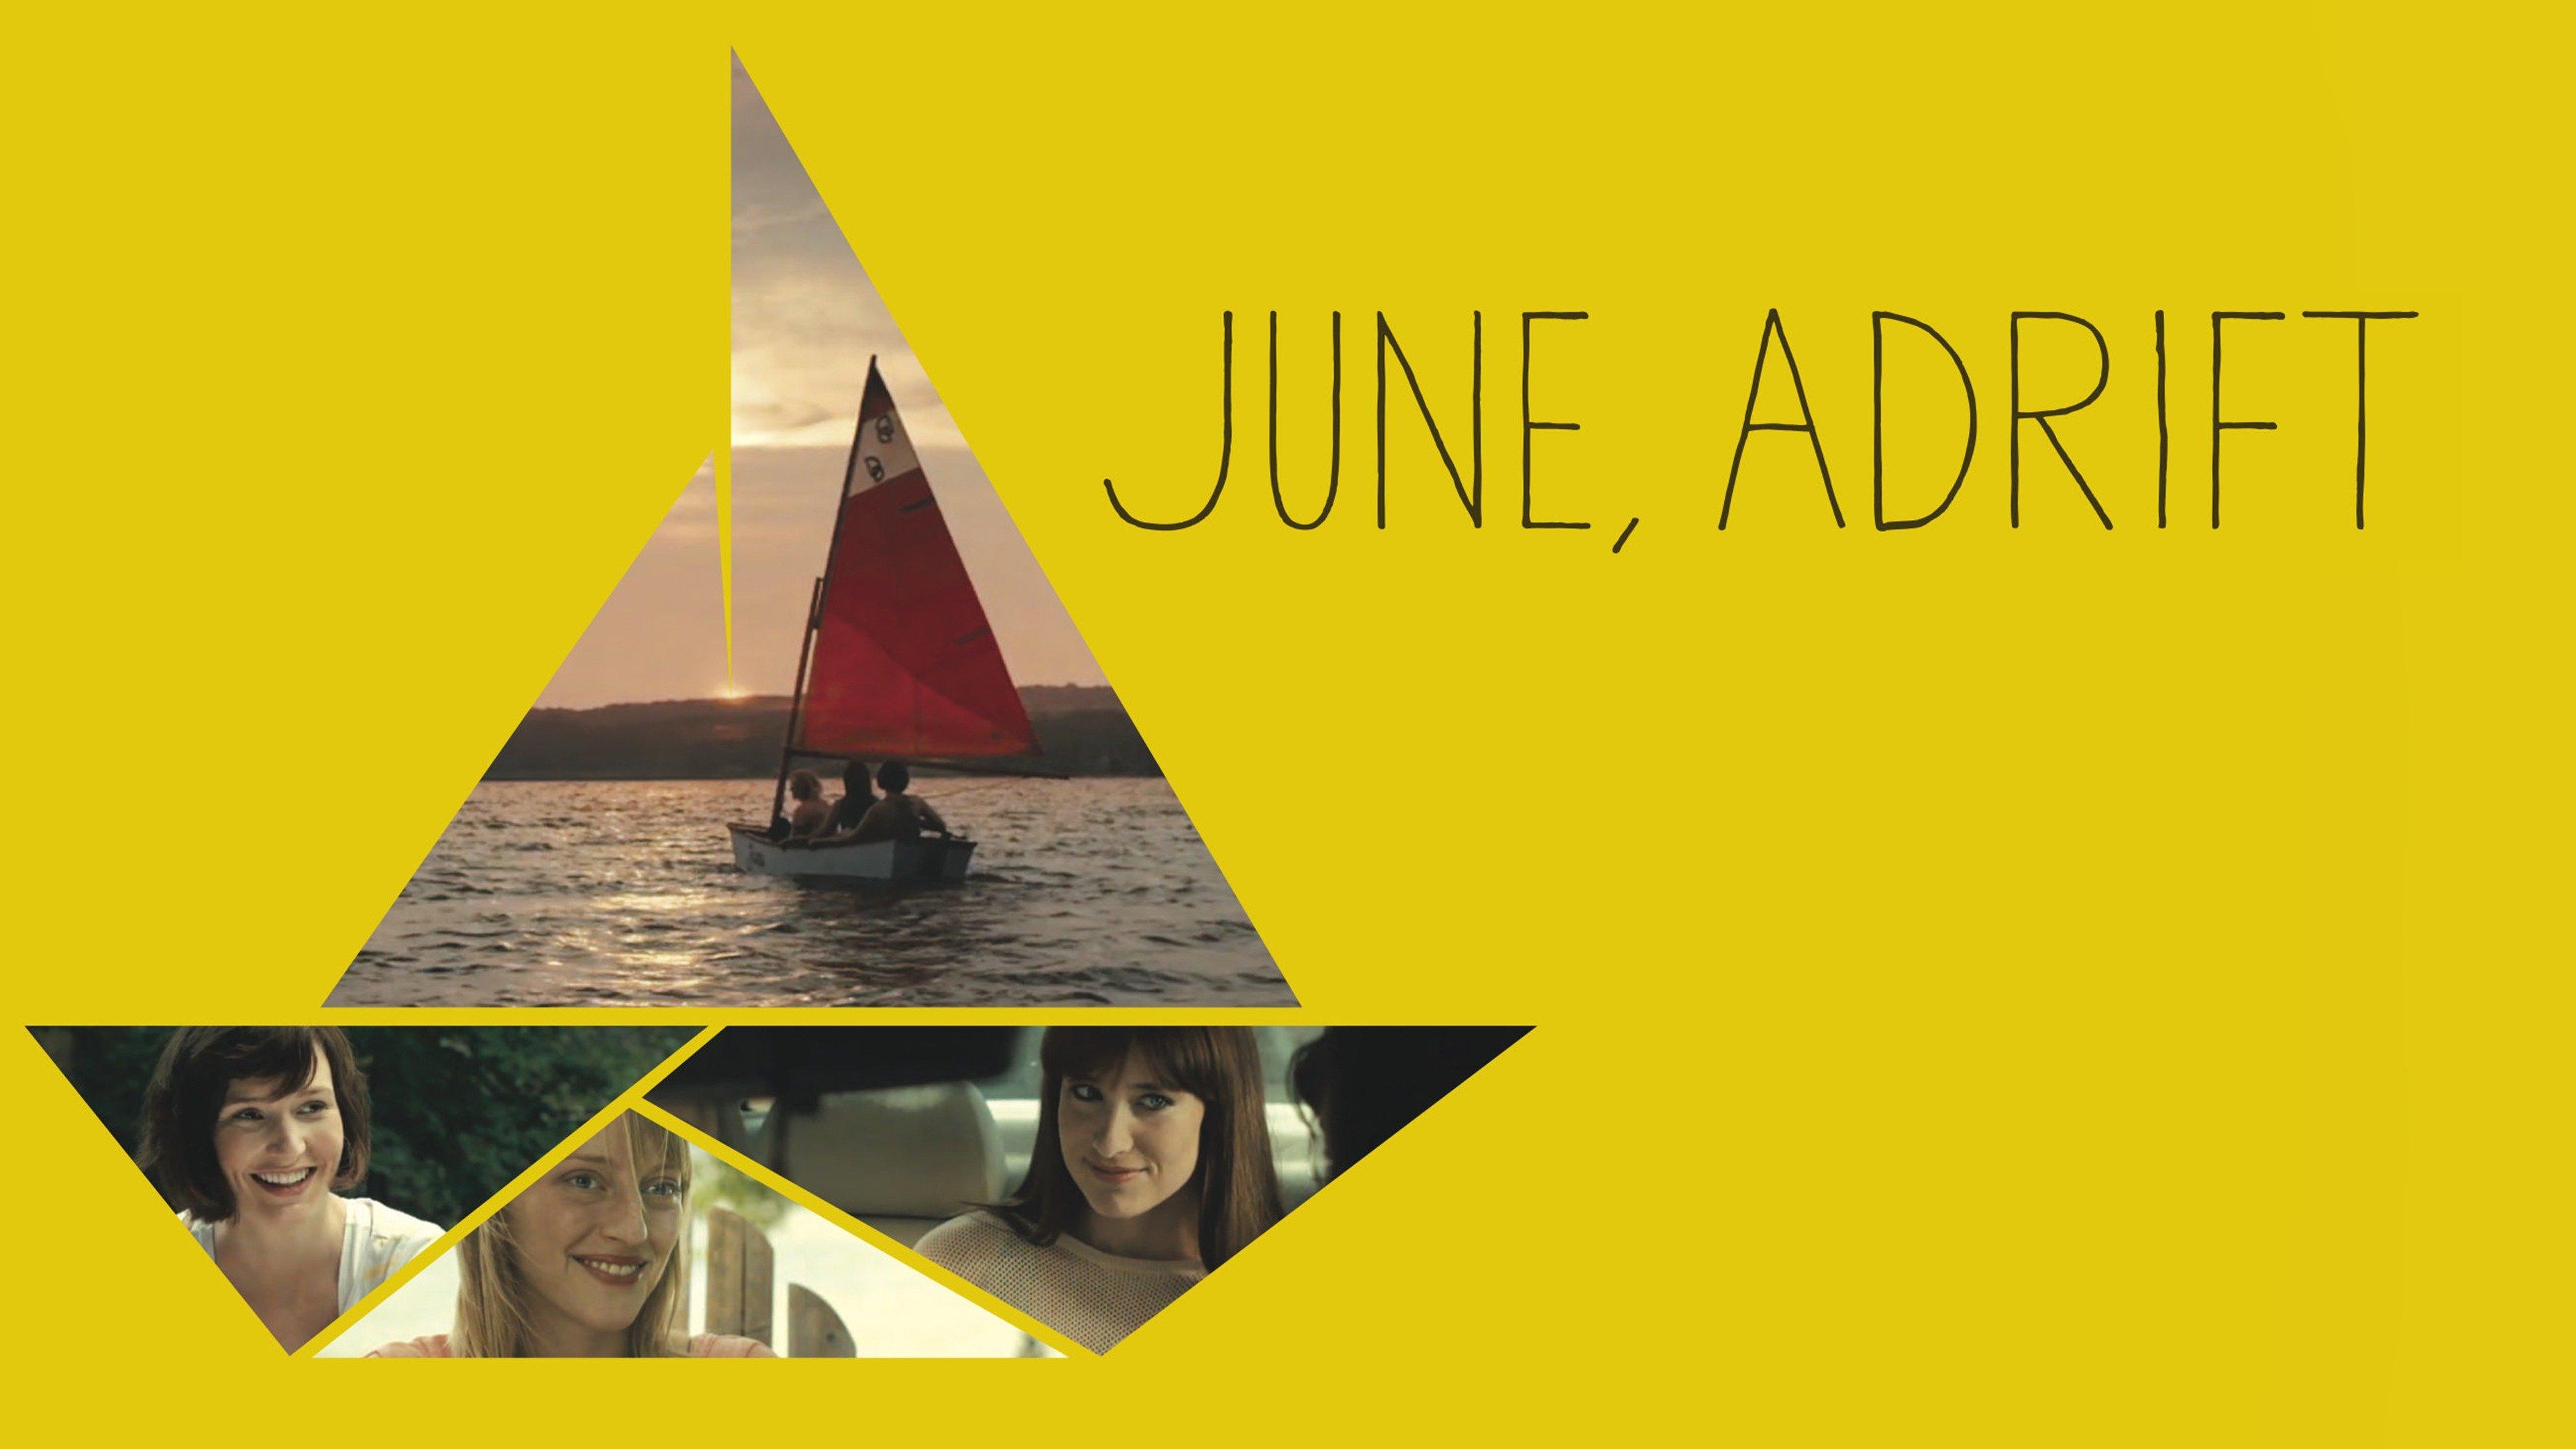 June Adrift